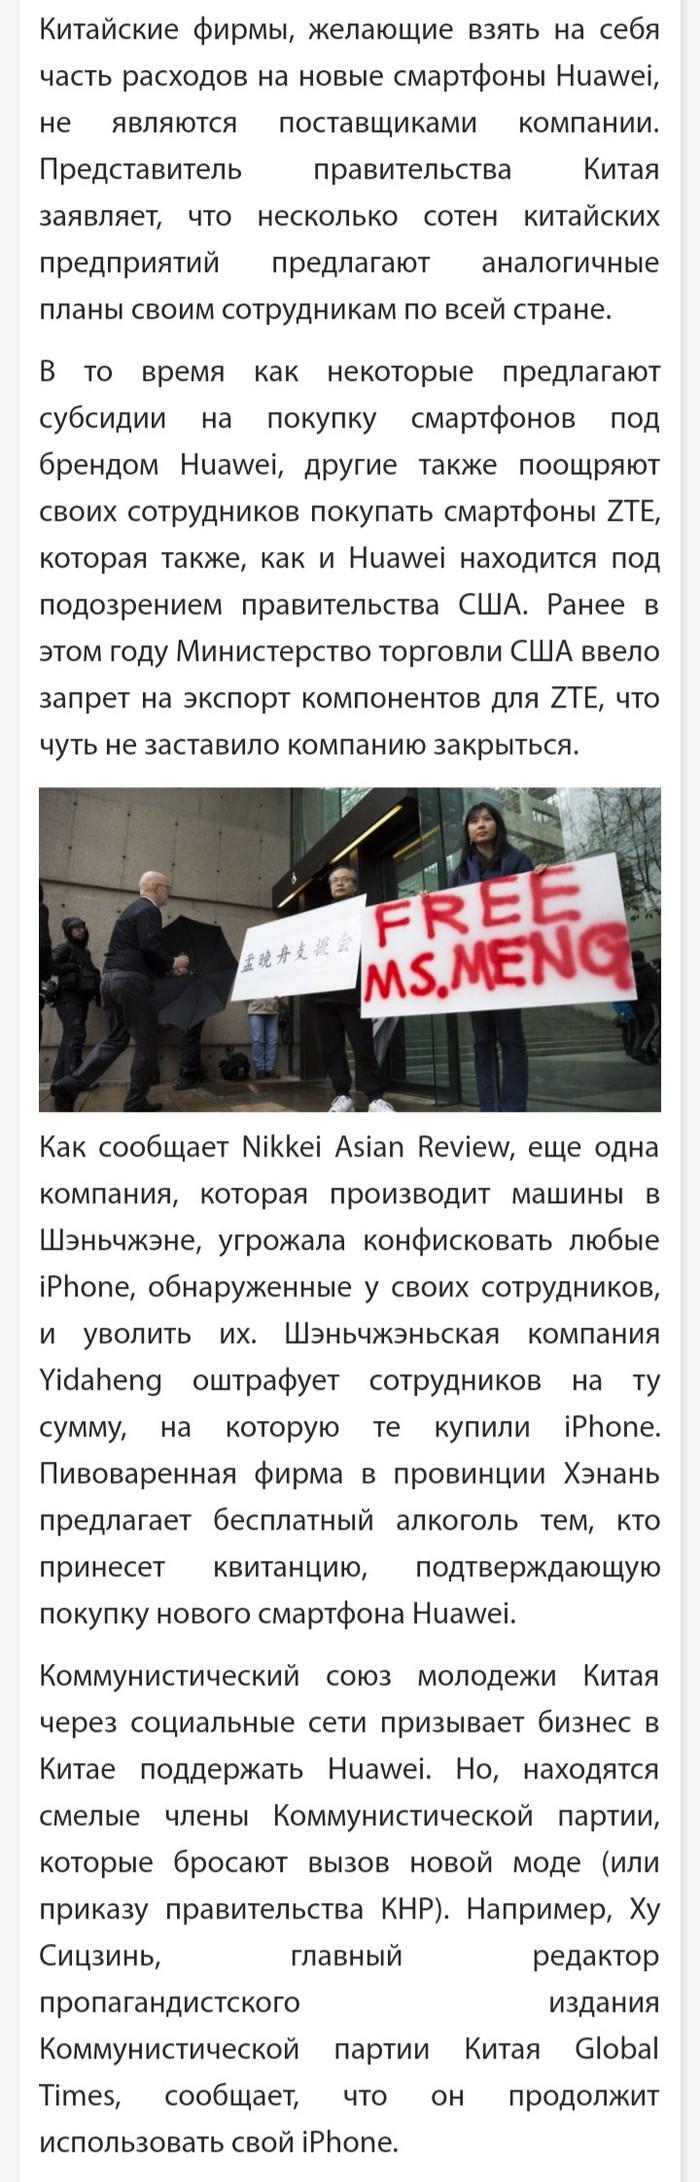 В китае бойкотируют айфоны в знак протеста против Айфономания, Android, Битва, Китай, США, Бренды, Длиннопост, Картинка с текстом